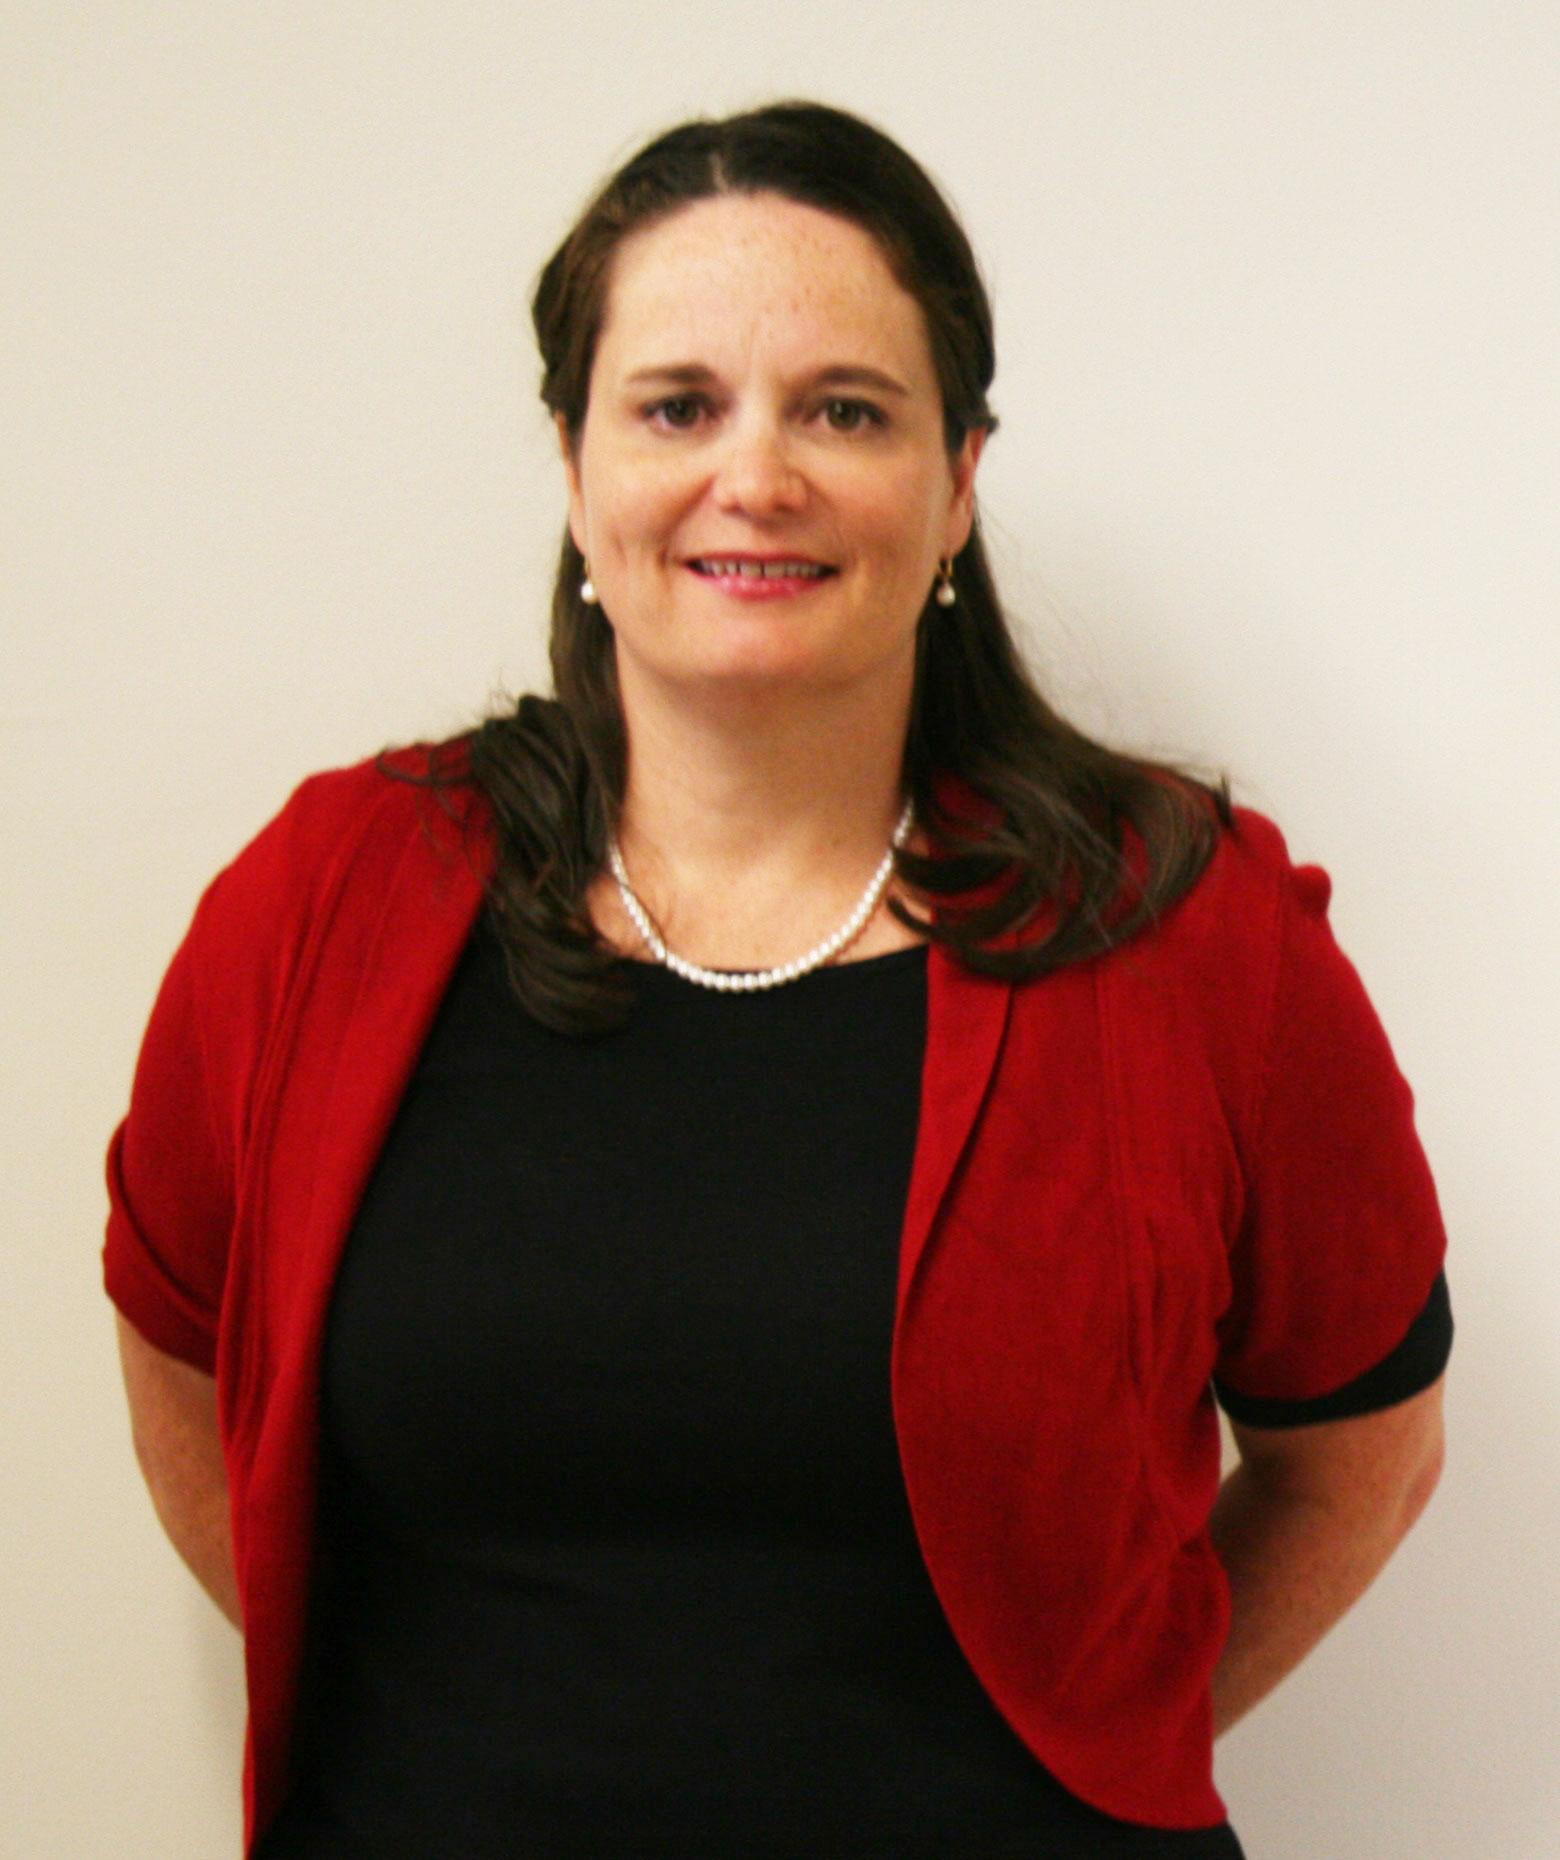 Diana Wittman